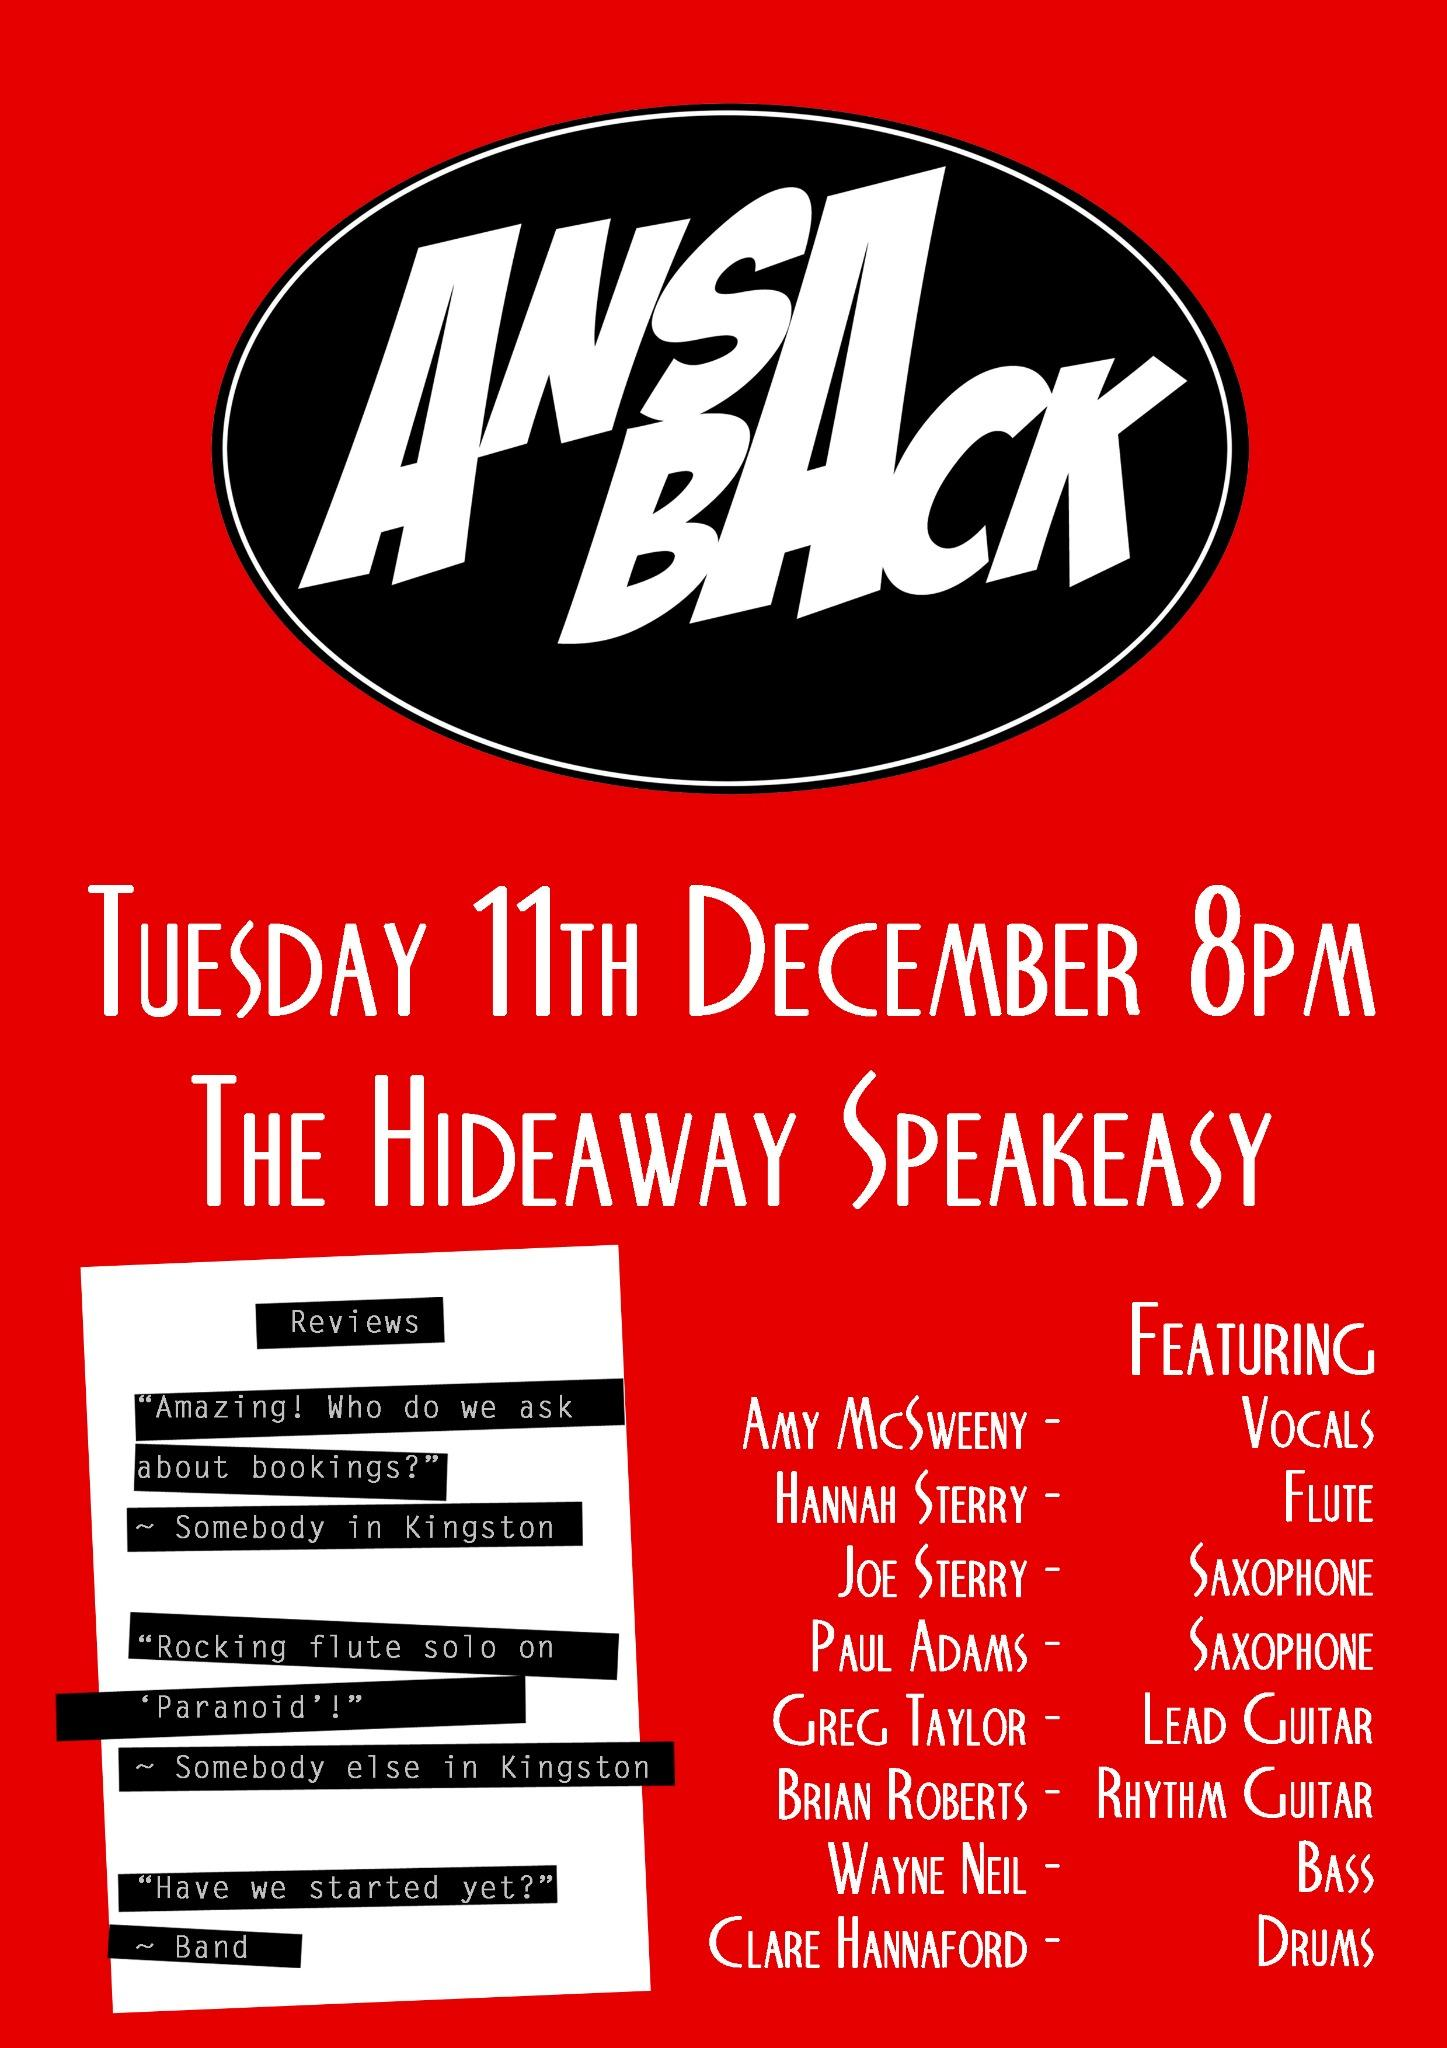 Ansa Back Poster